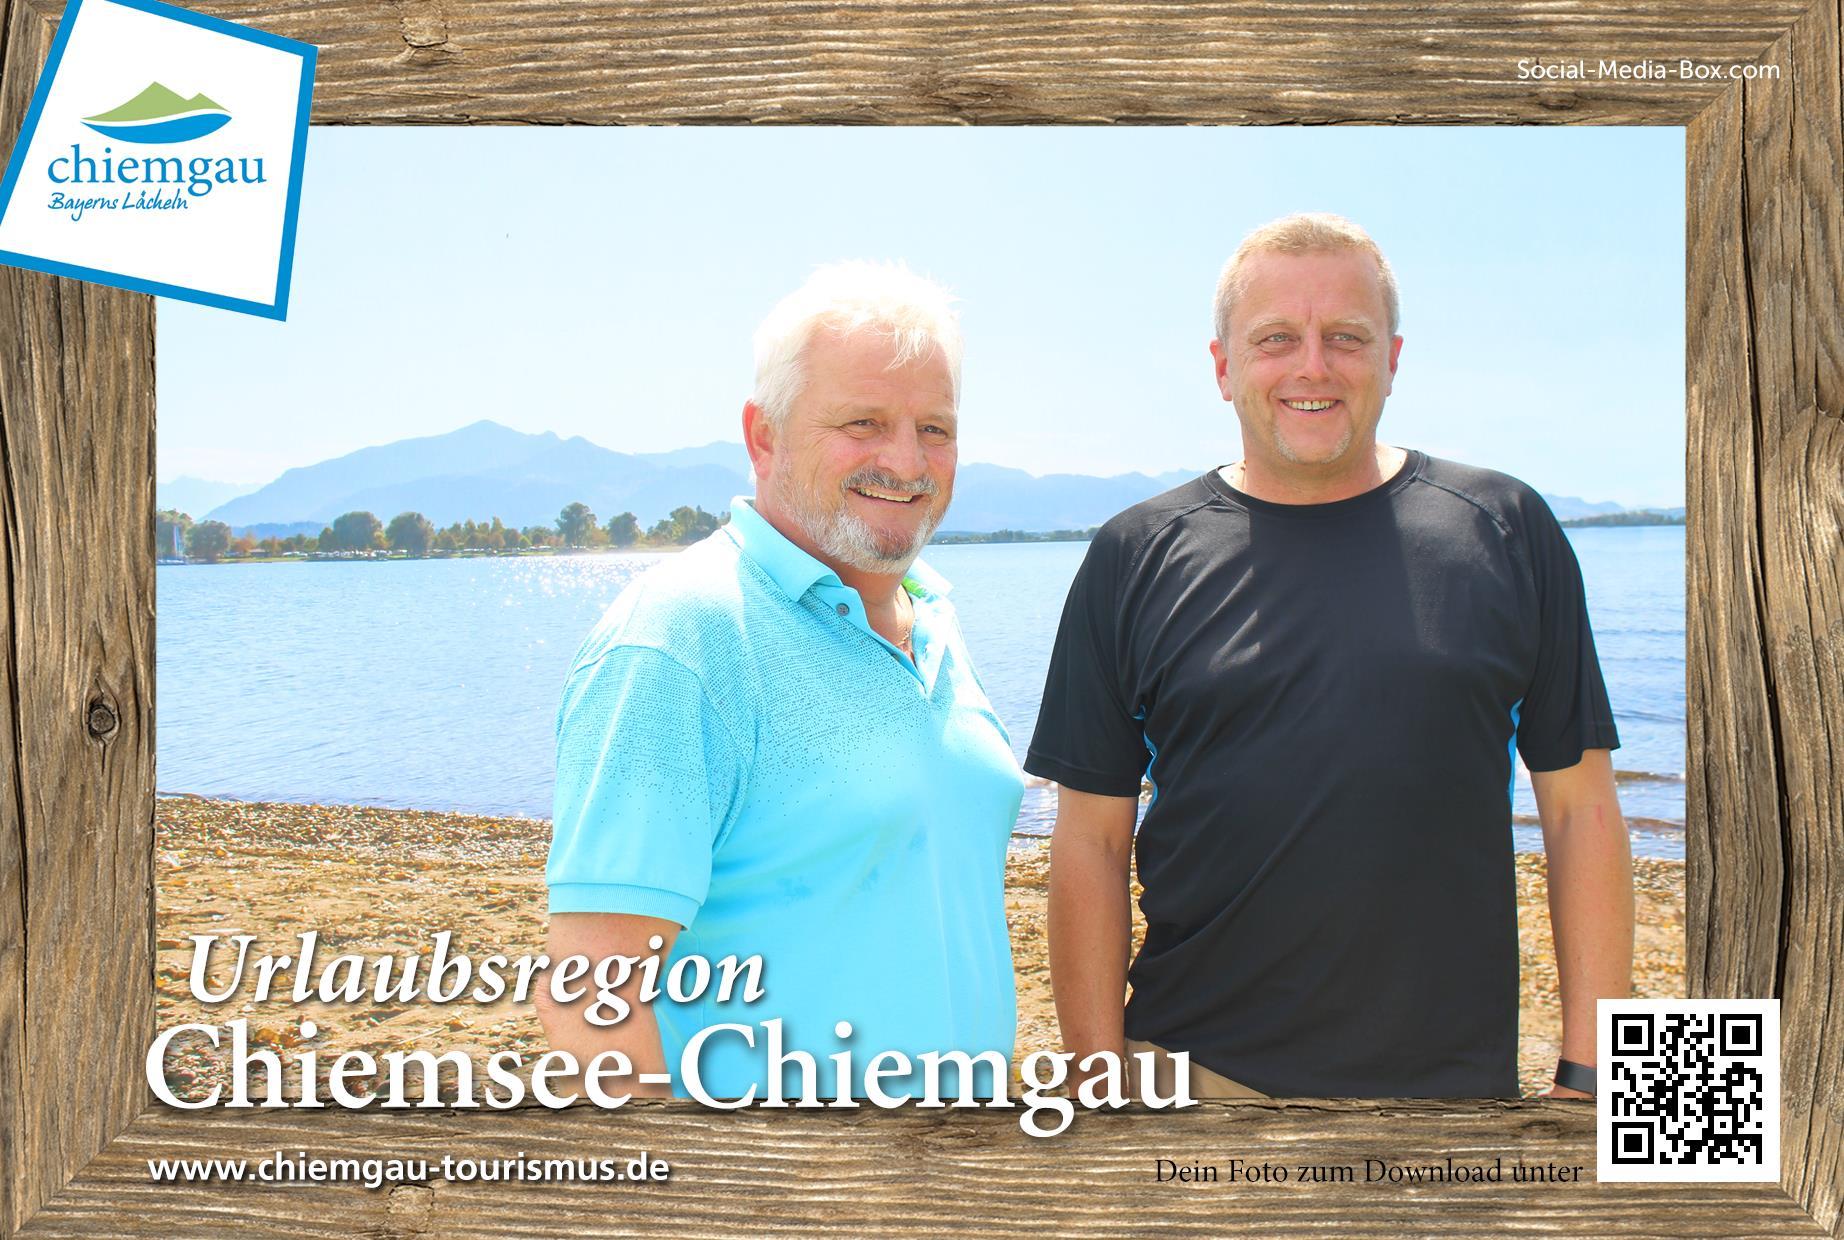 Chiemgau Tourismus – Strandbad Alpenradtour